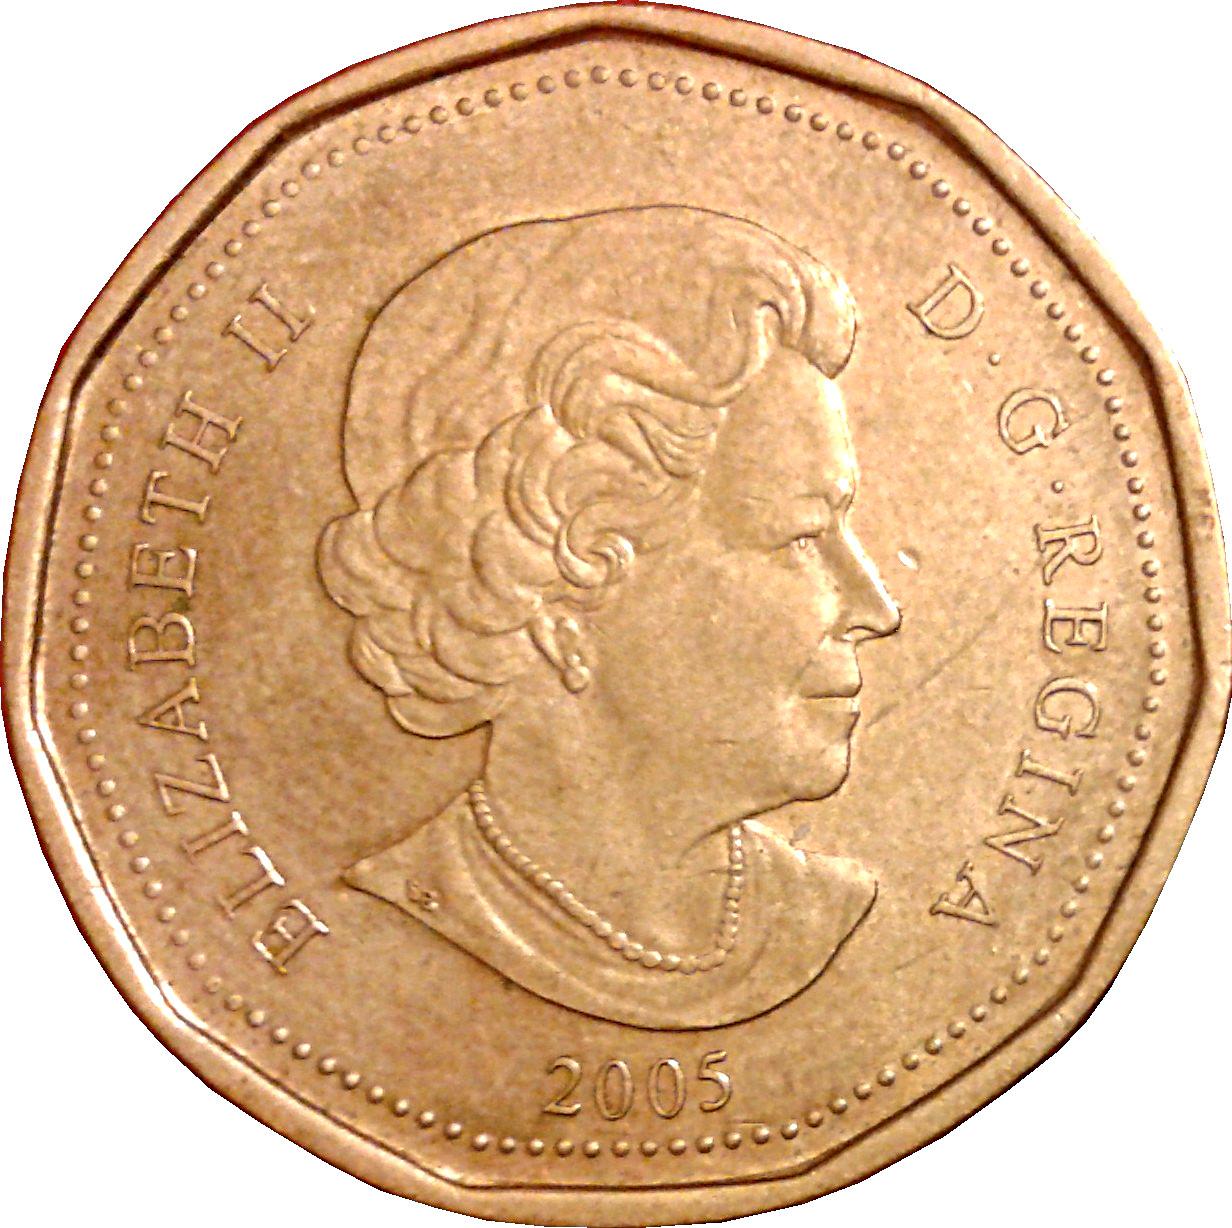 1 Dollar Elizabeth Ii Terry Fox